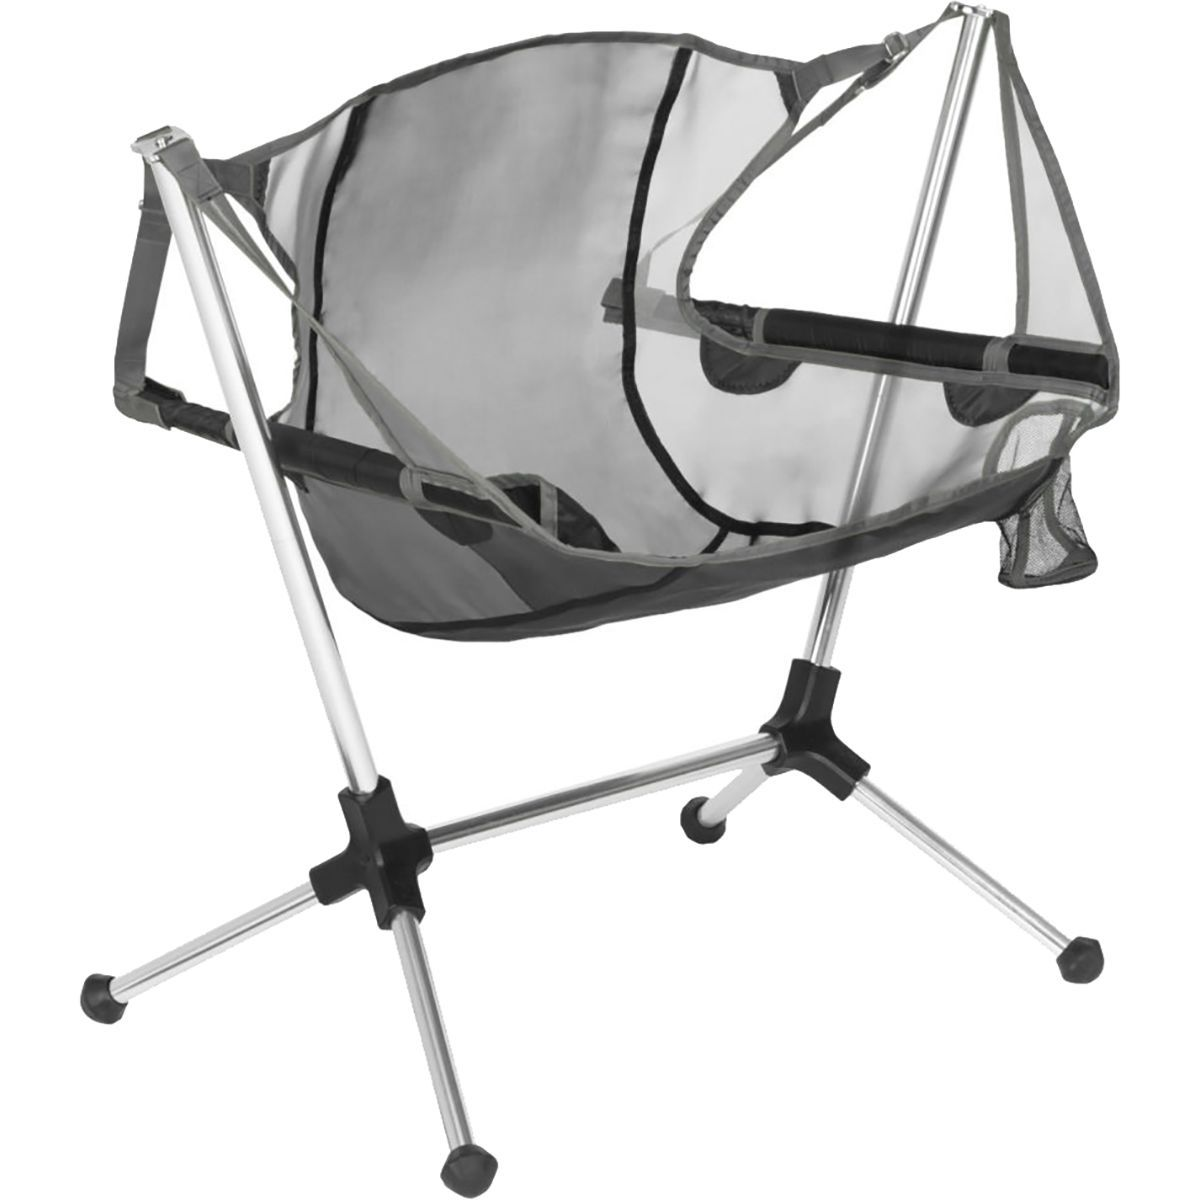 NEMO Equipment Inc. Stargaze Recliner Low Camp Chair in